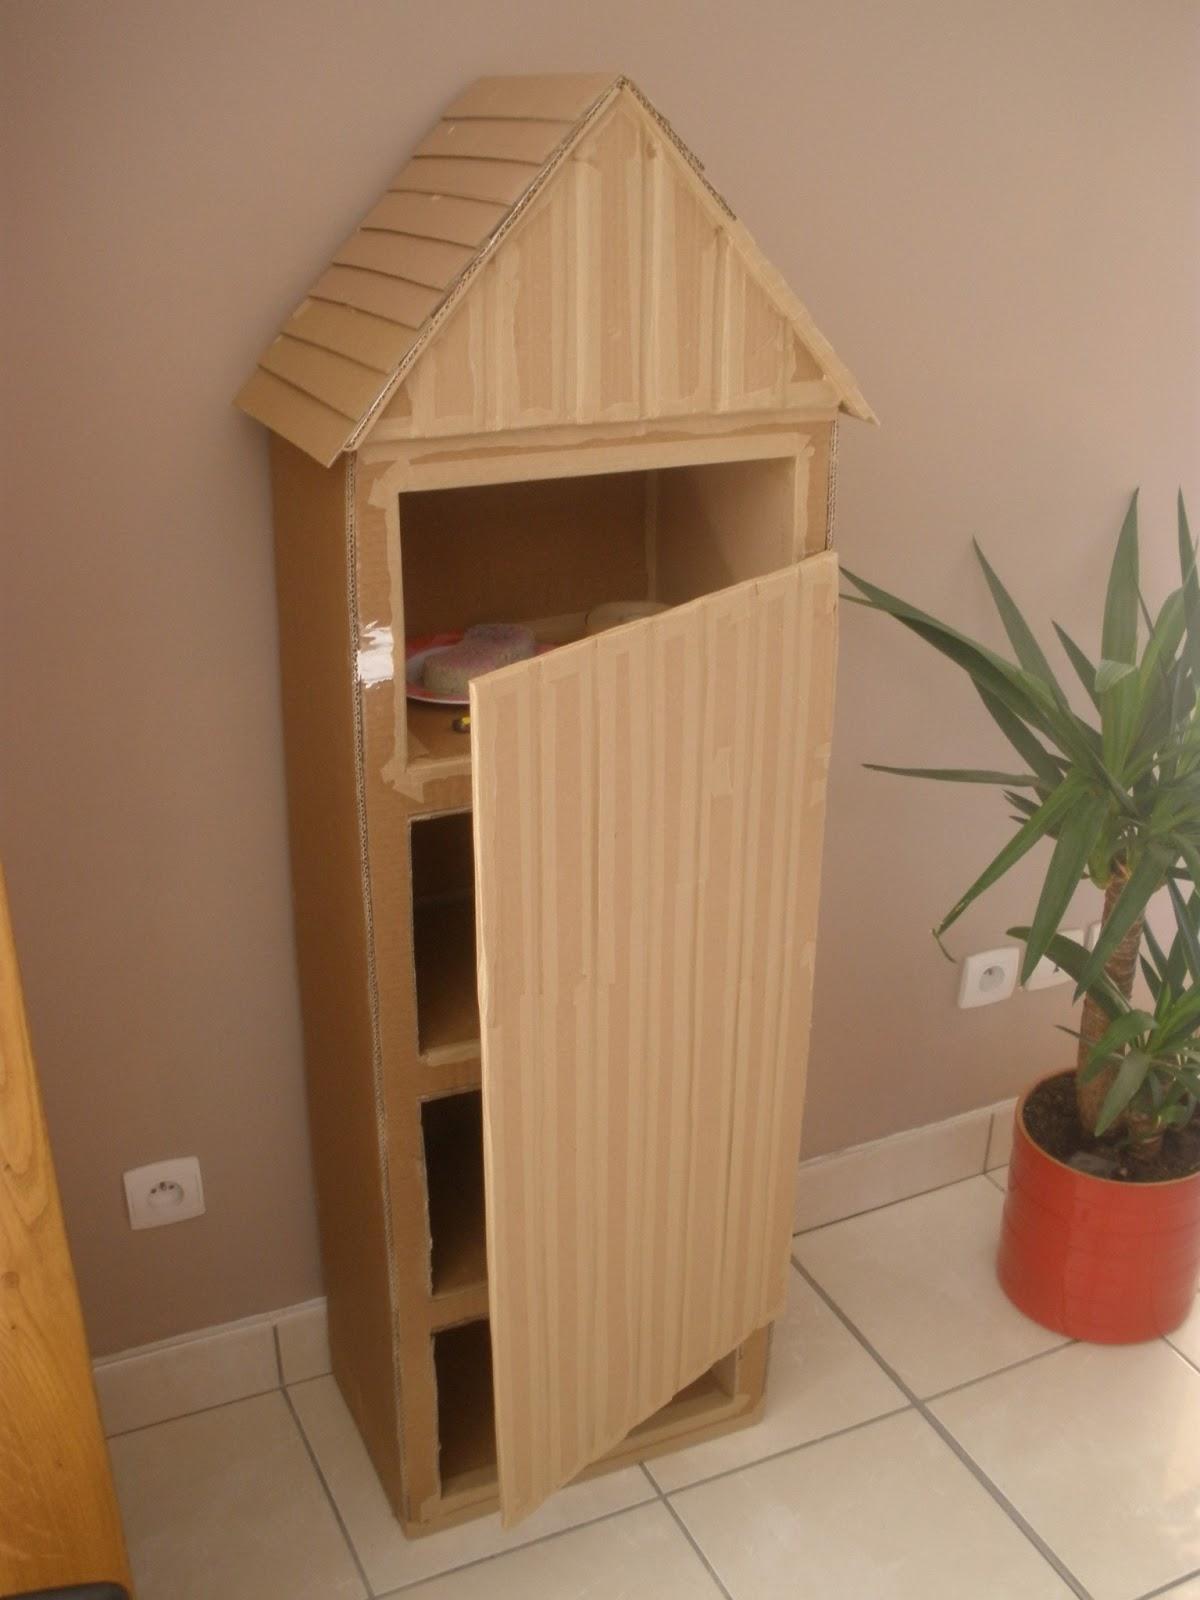 ces temps carton meuble cabine de plage. Black Bedroom Furniture Sets. Home Design Ideas